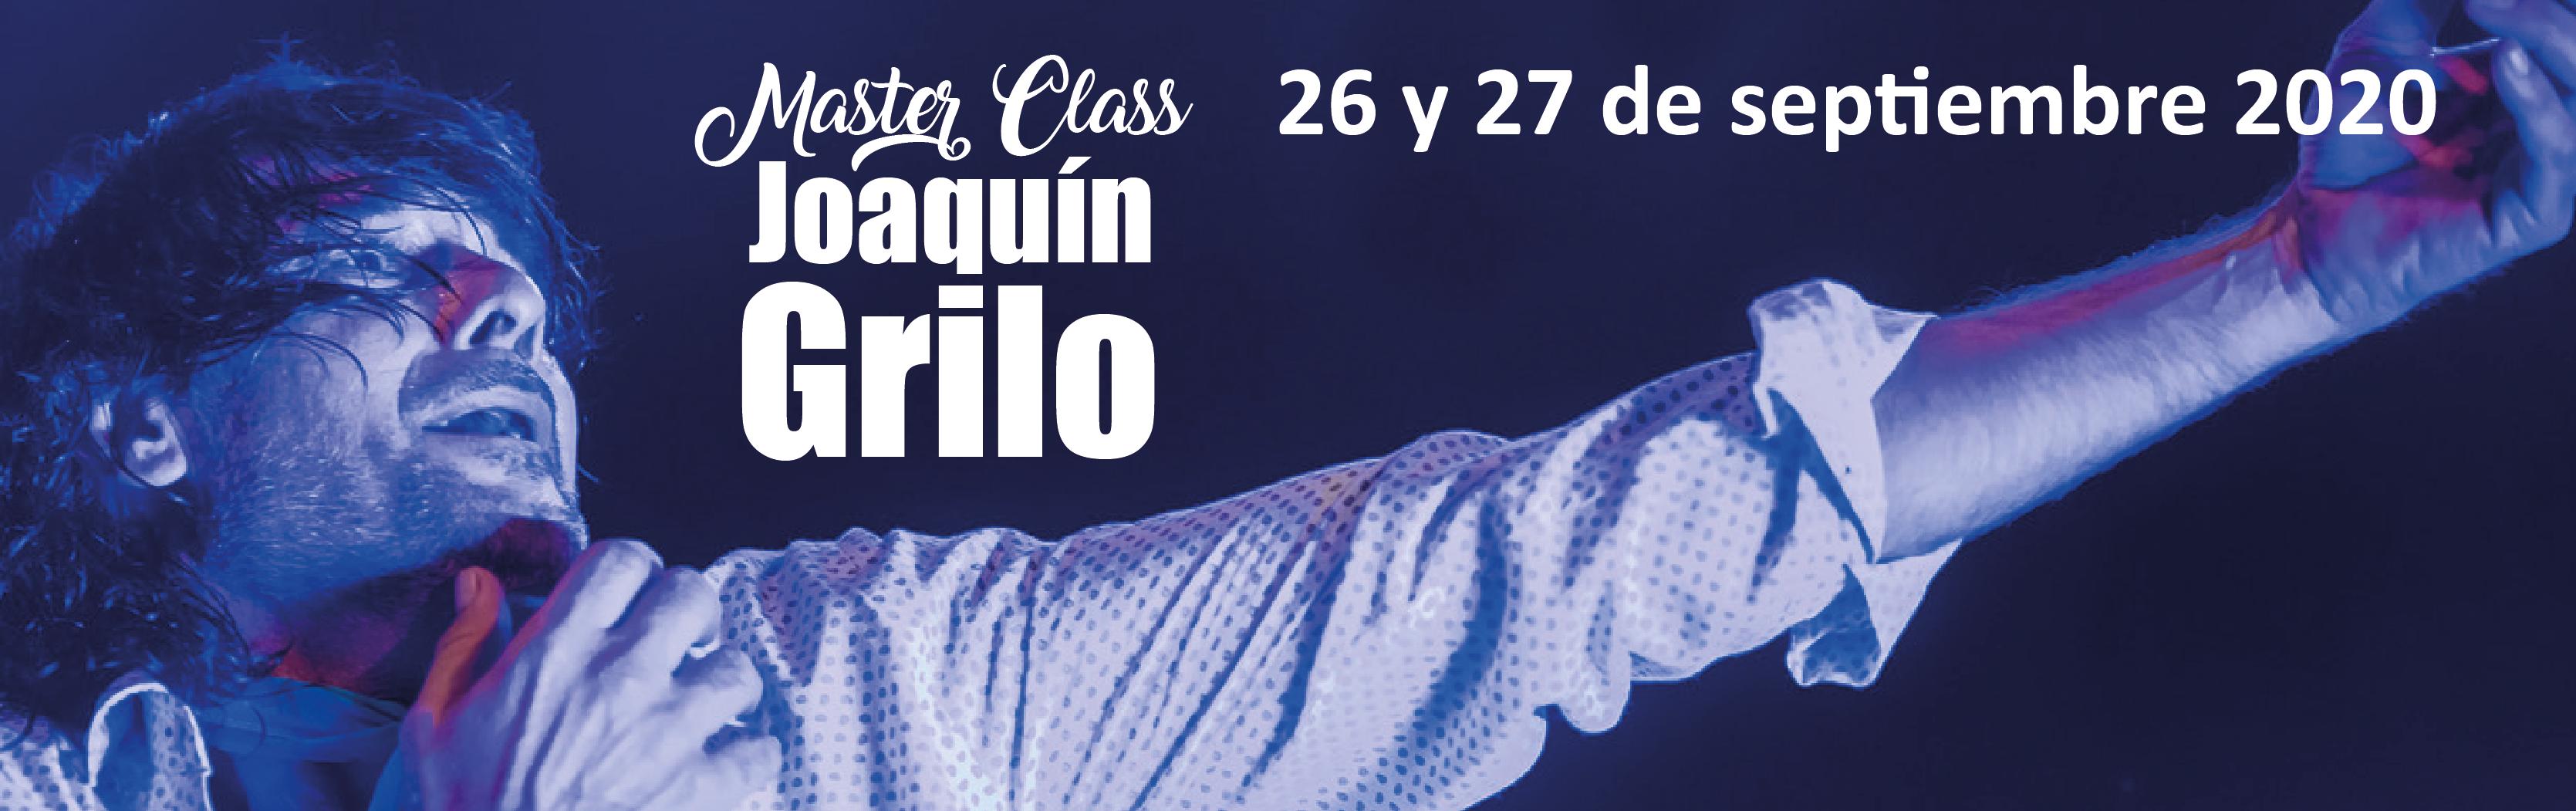 master class Joaquín Grilo 26 y 27 de septiembre 2020